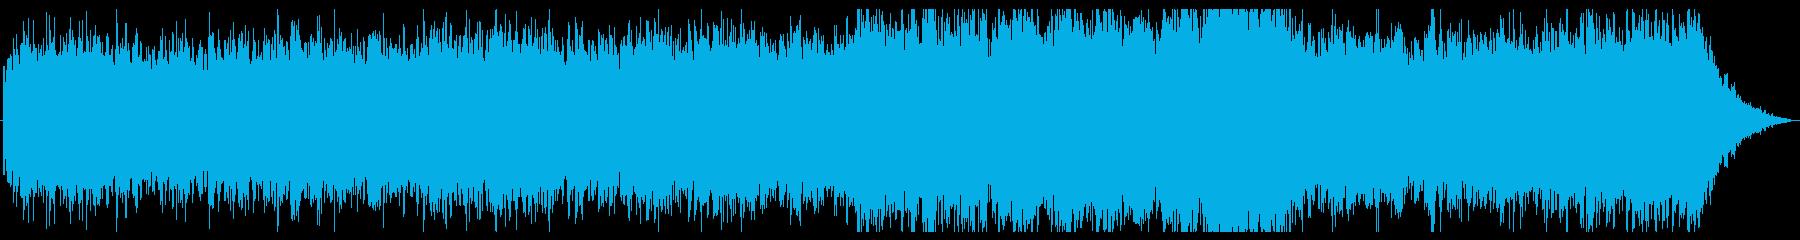 ドローン・壮大・リラックス・夜明け・Fの再生済みの波形